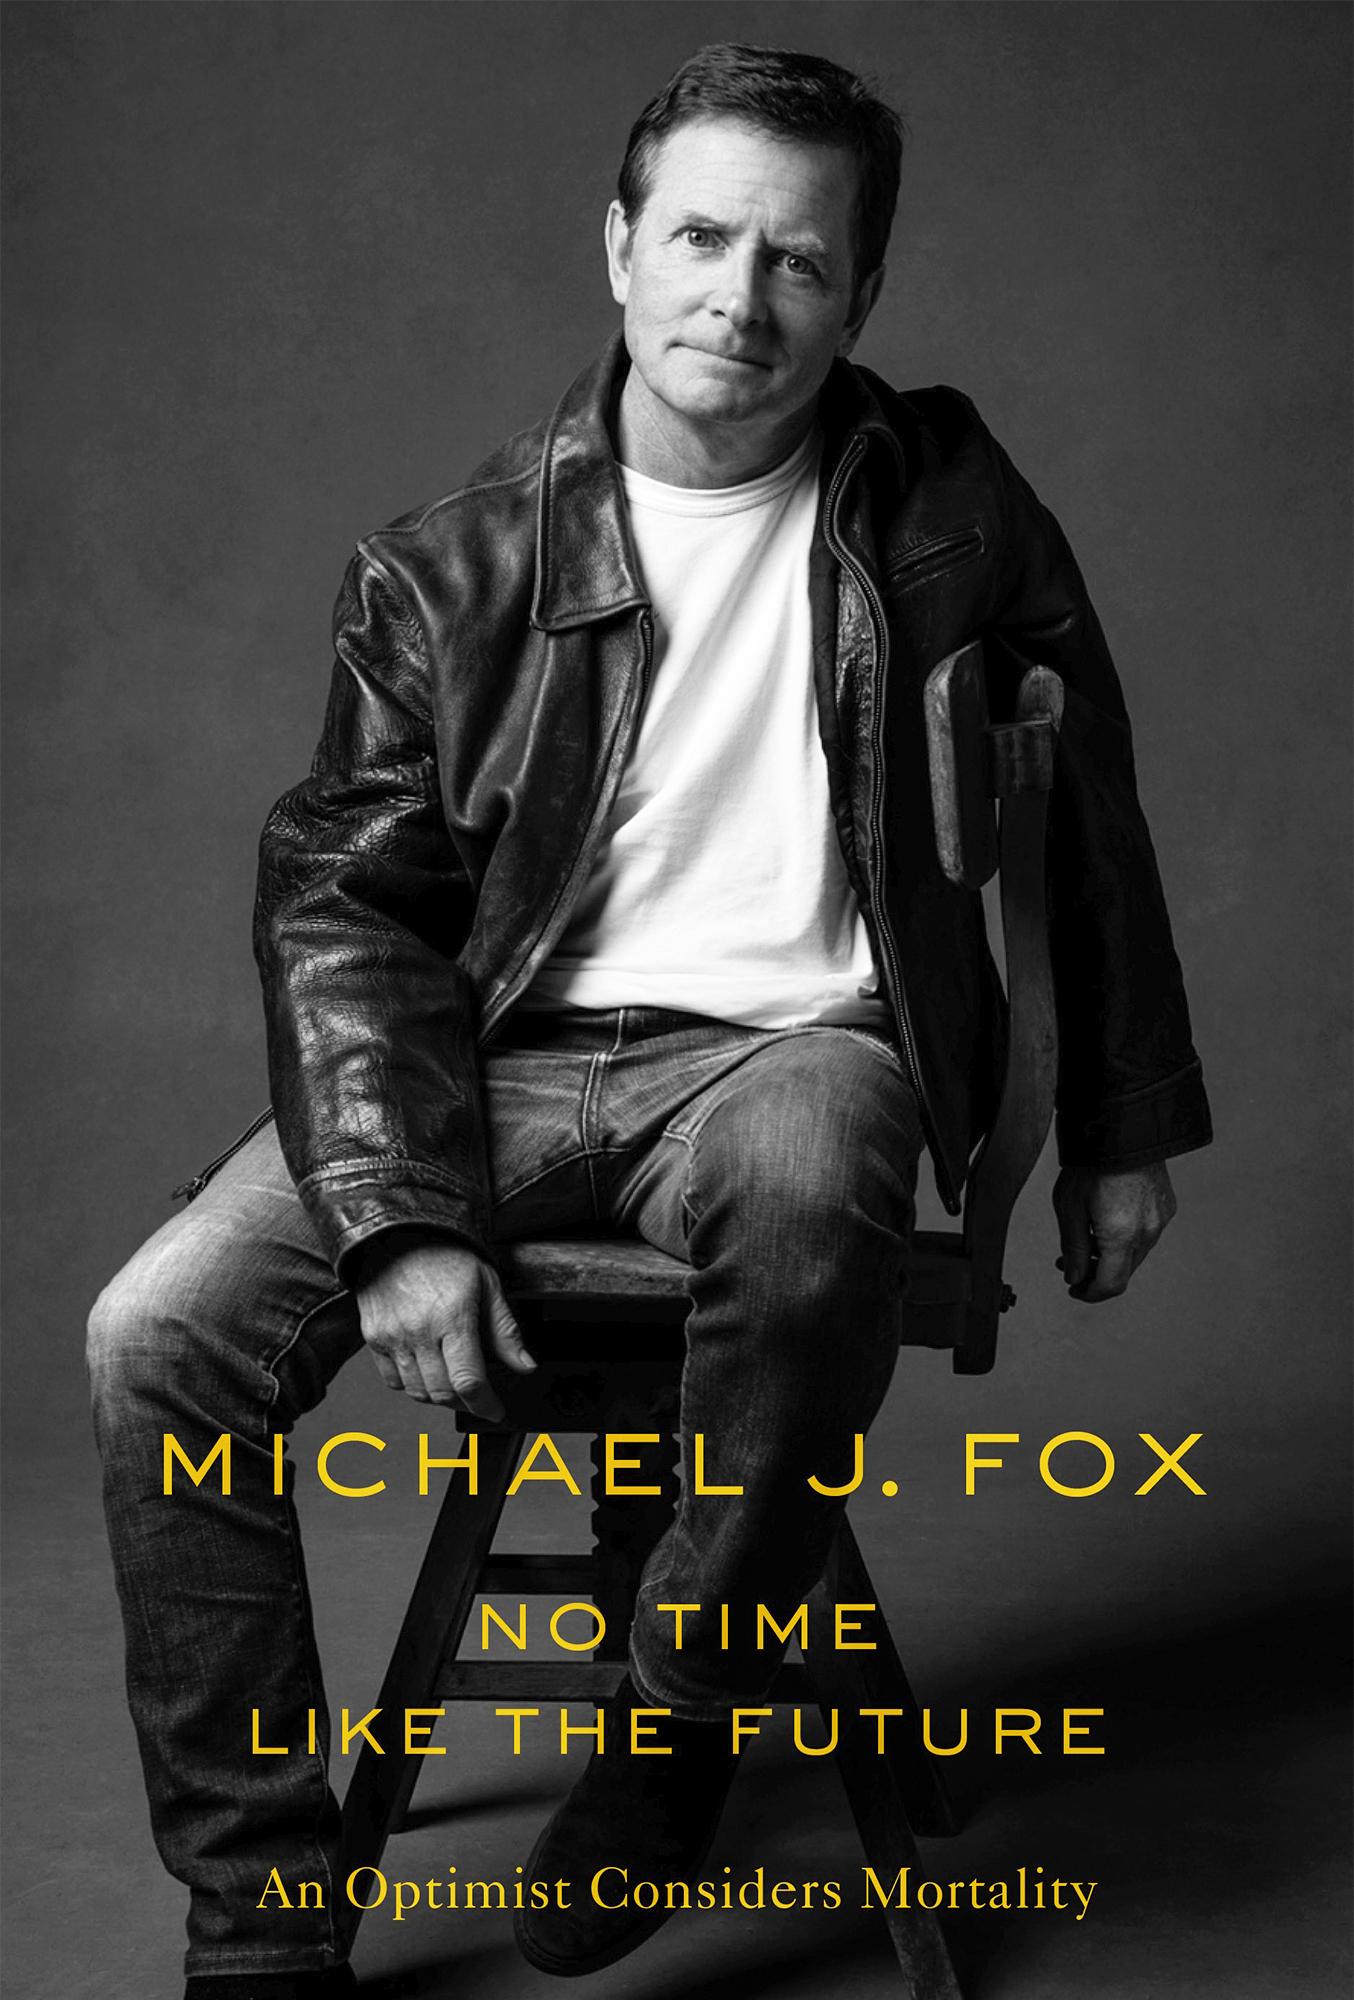 Майкл Дж. Фокс рассказал овлиянии болезни Паркинсона — она разрушает память 1